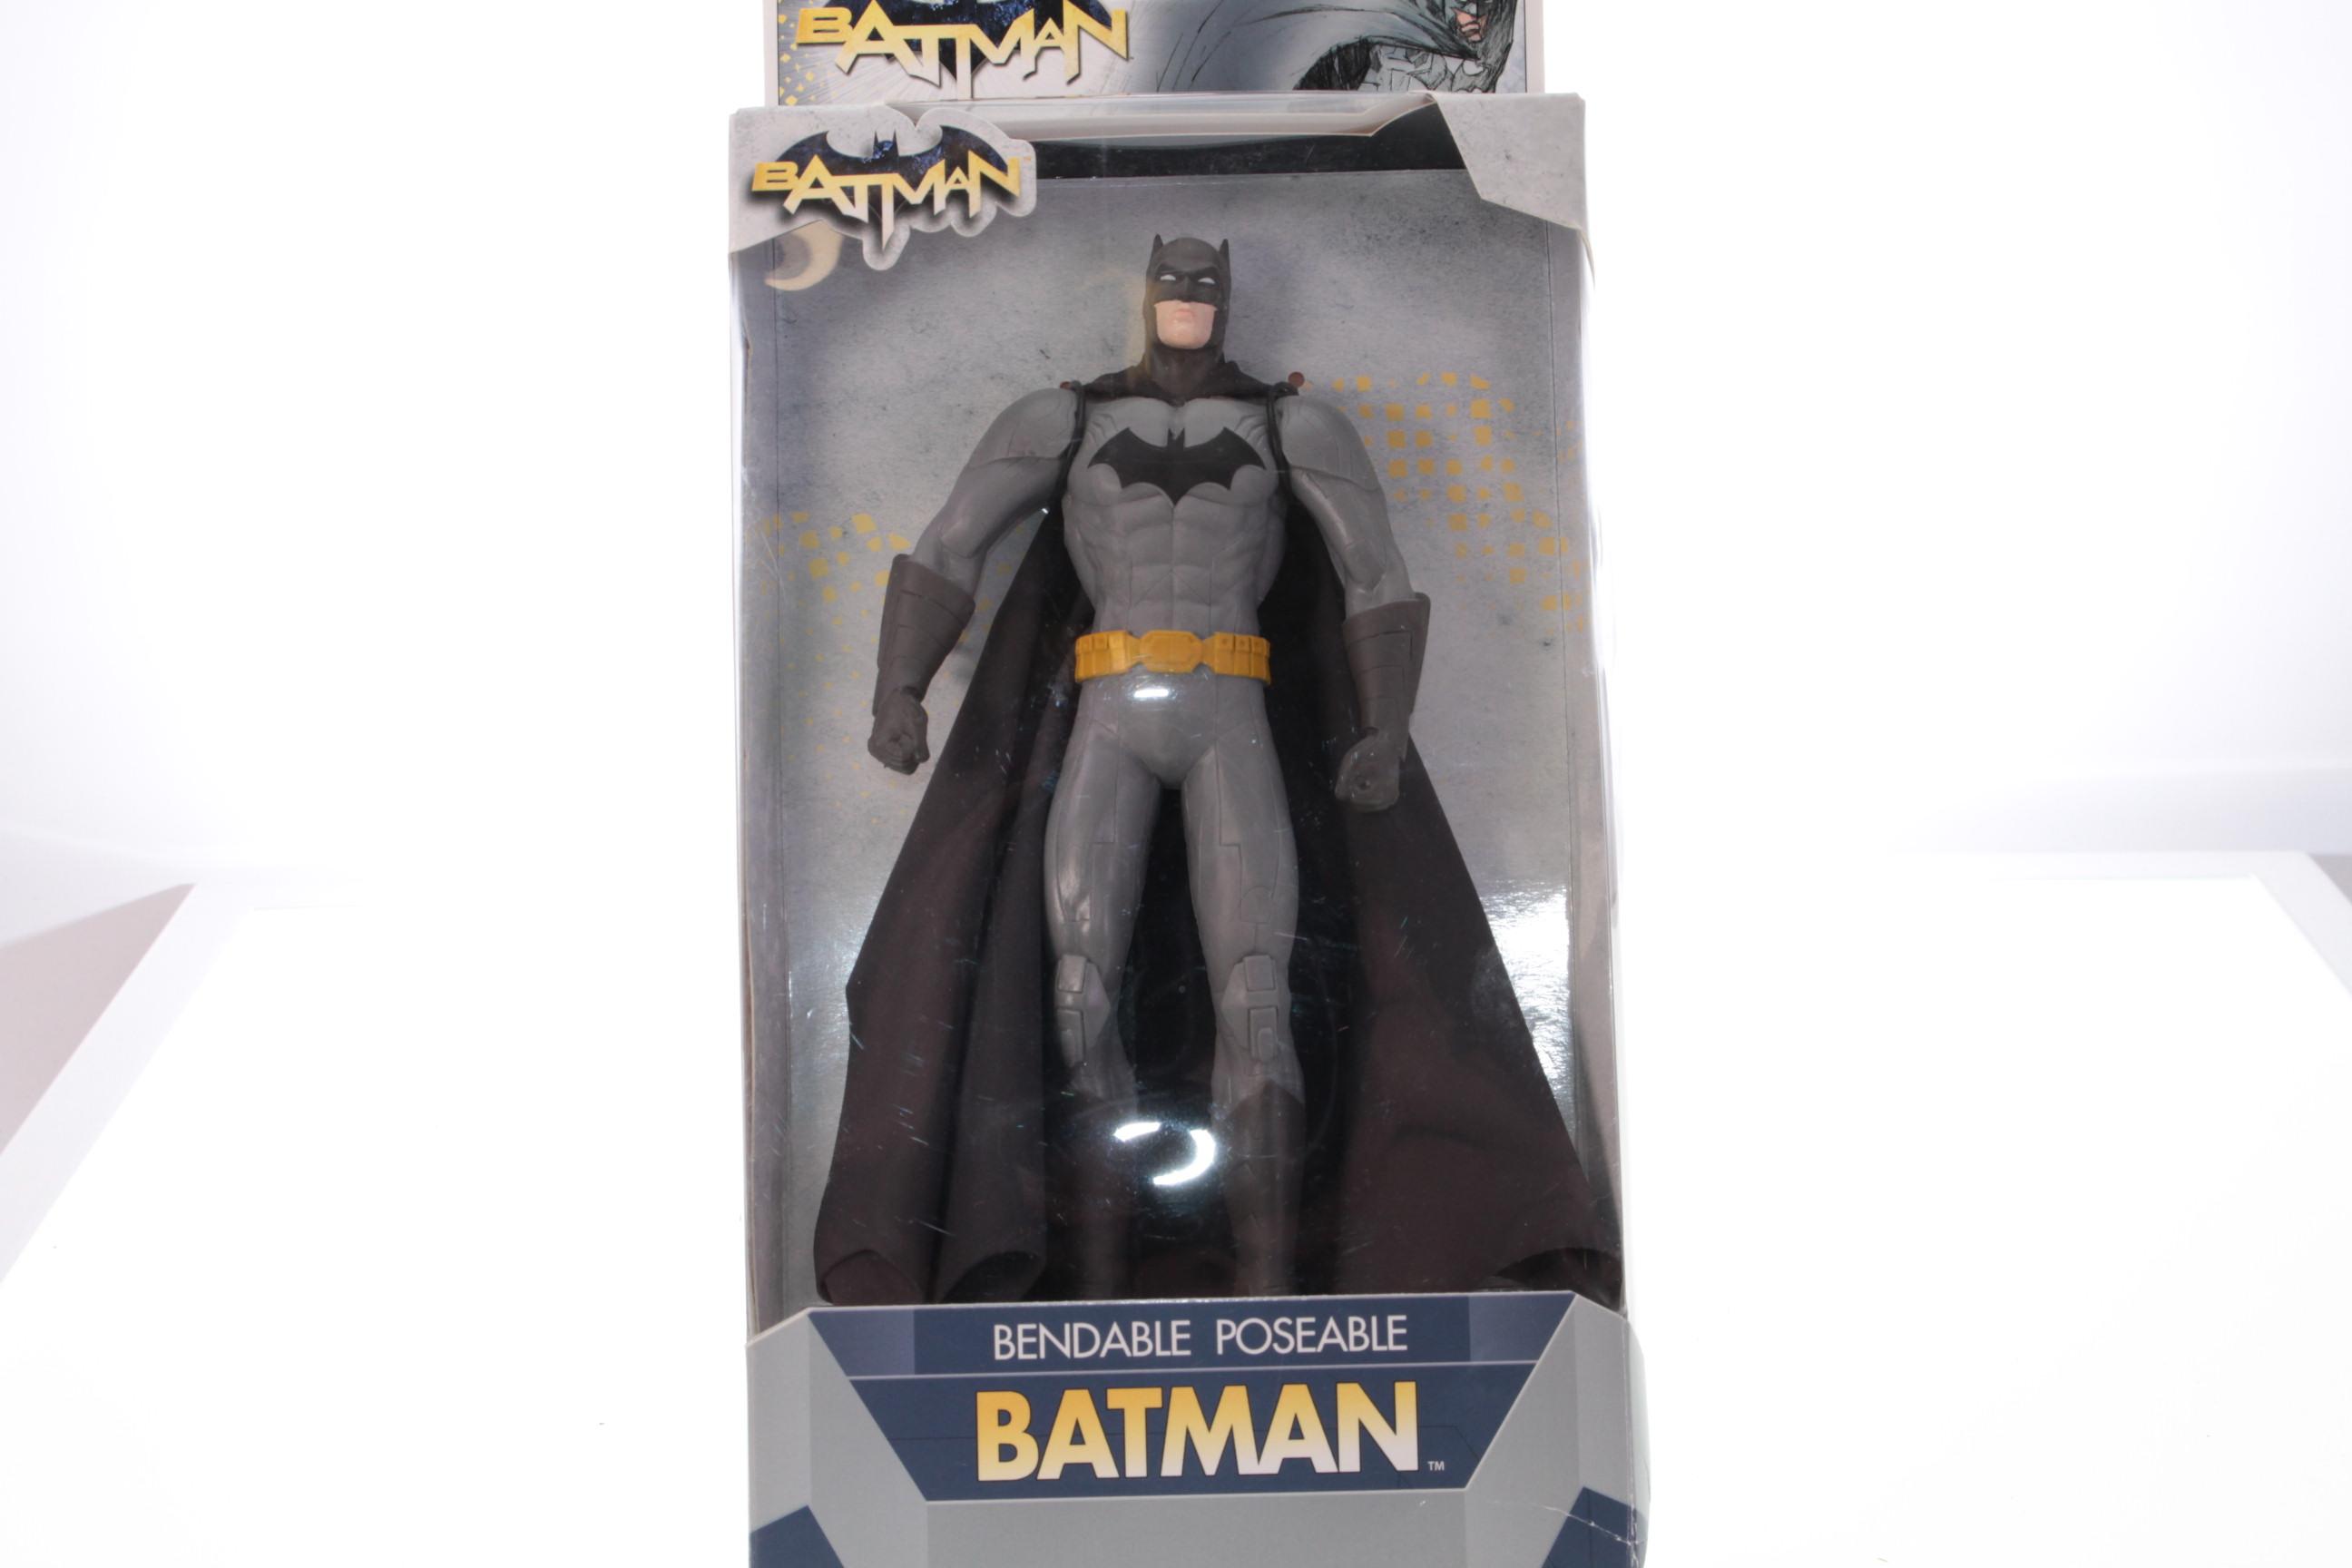 Picture Gallery for NJ Croce DC3953 Batman - Bendable